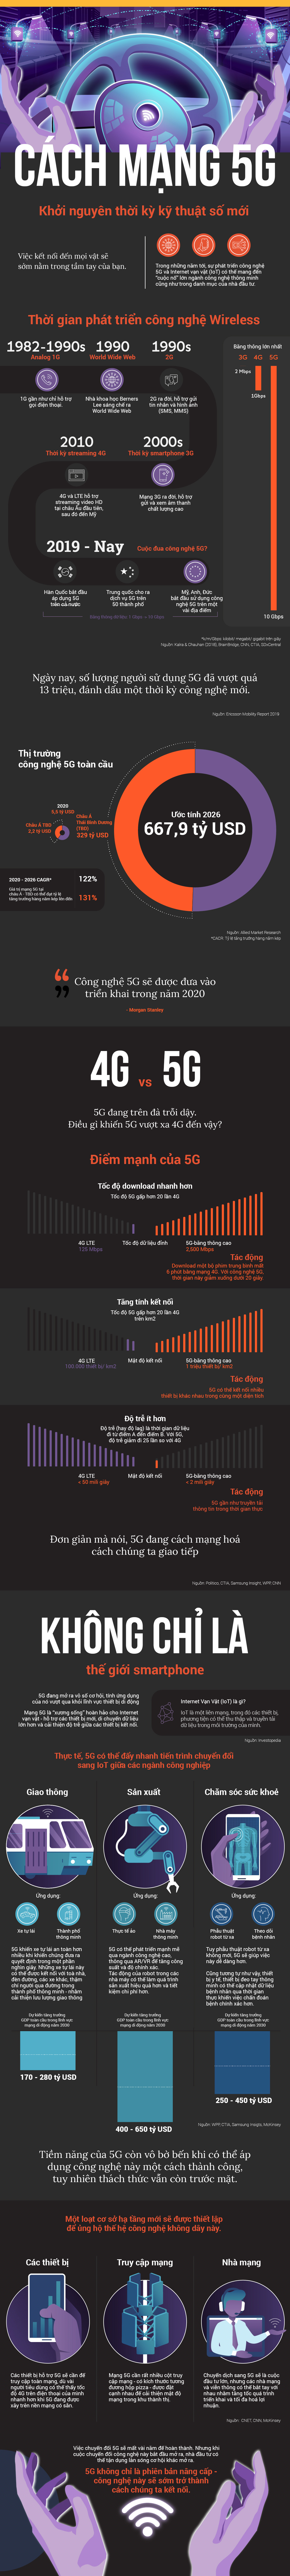 [Infographics] 5G thay đổi cách ta giao tiếp như thế nào? - Ảnh 1